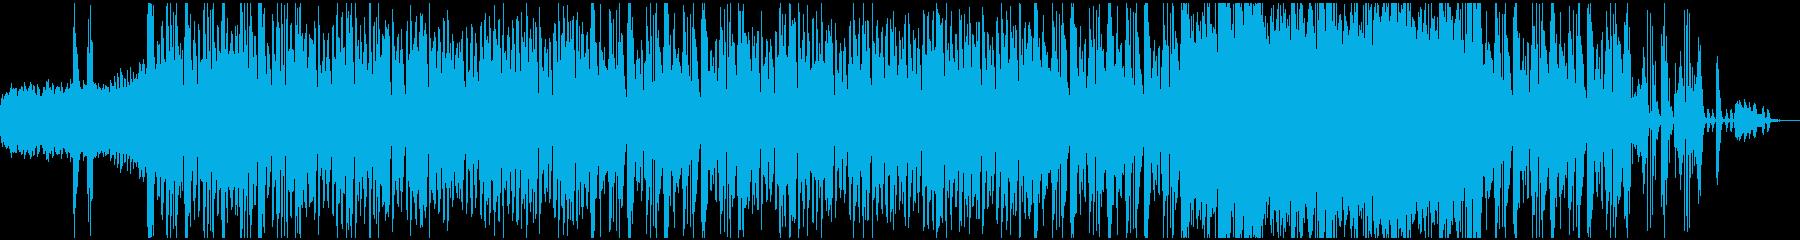 ダークでクールな和風ダブEDMの再生済みの波形